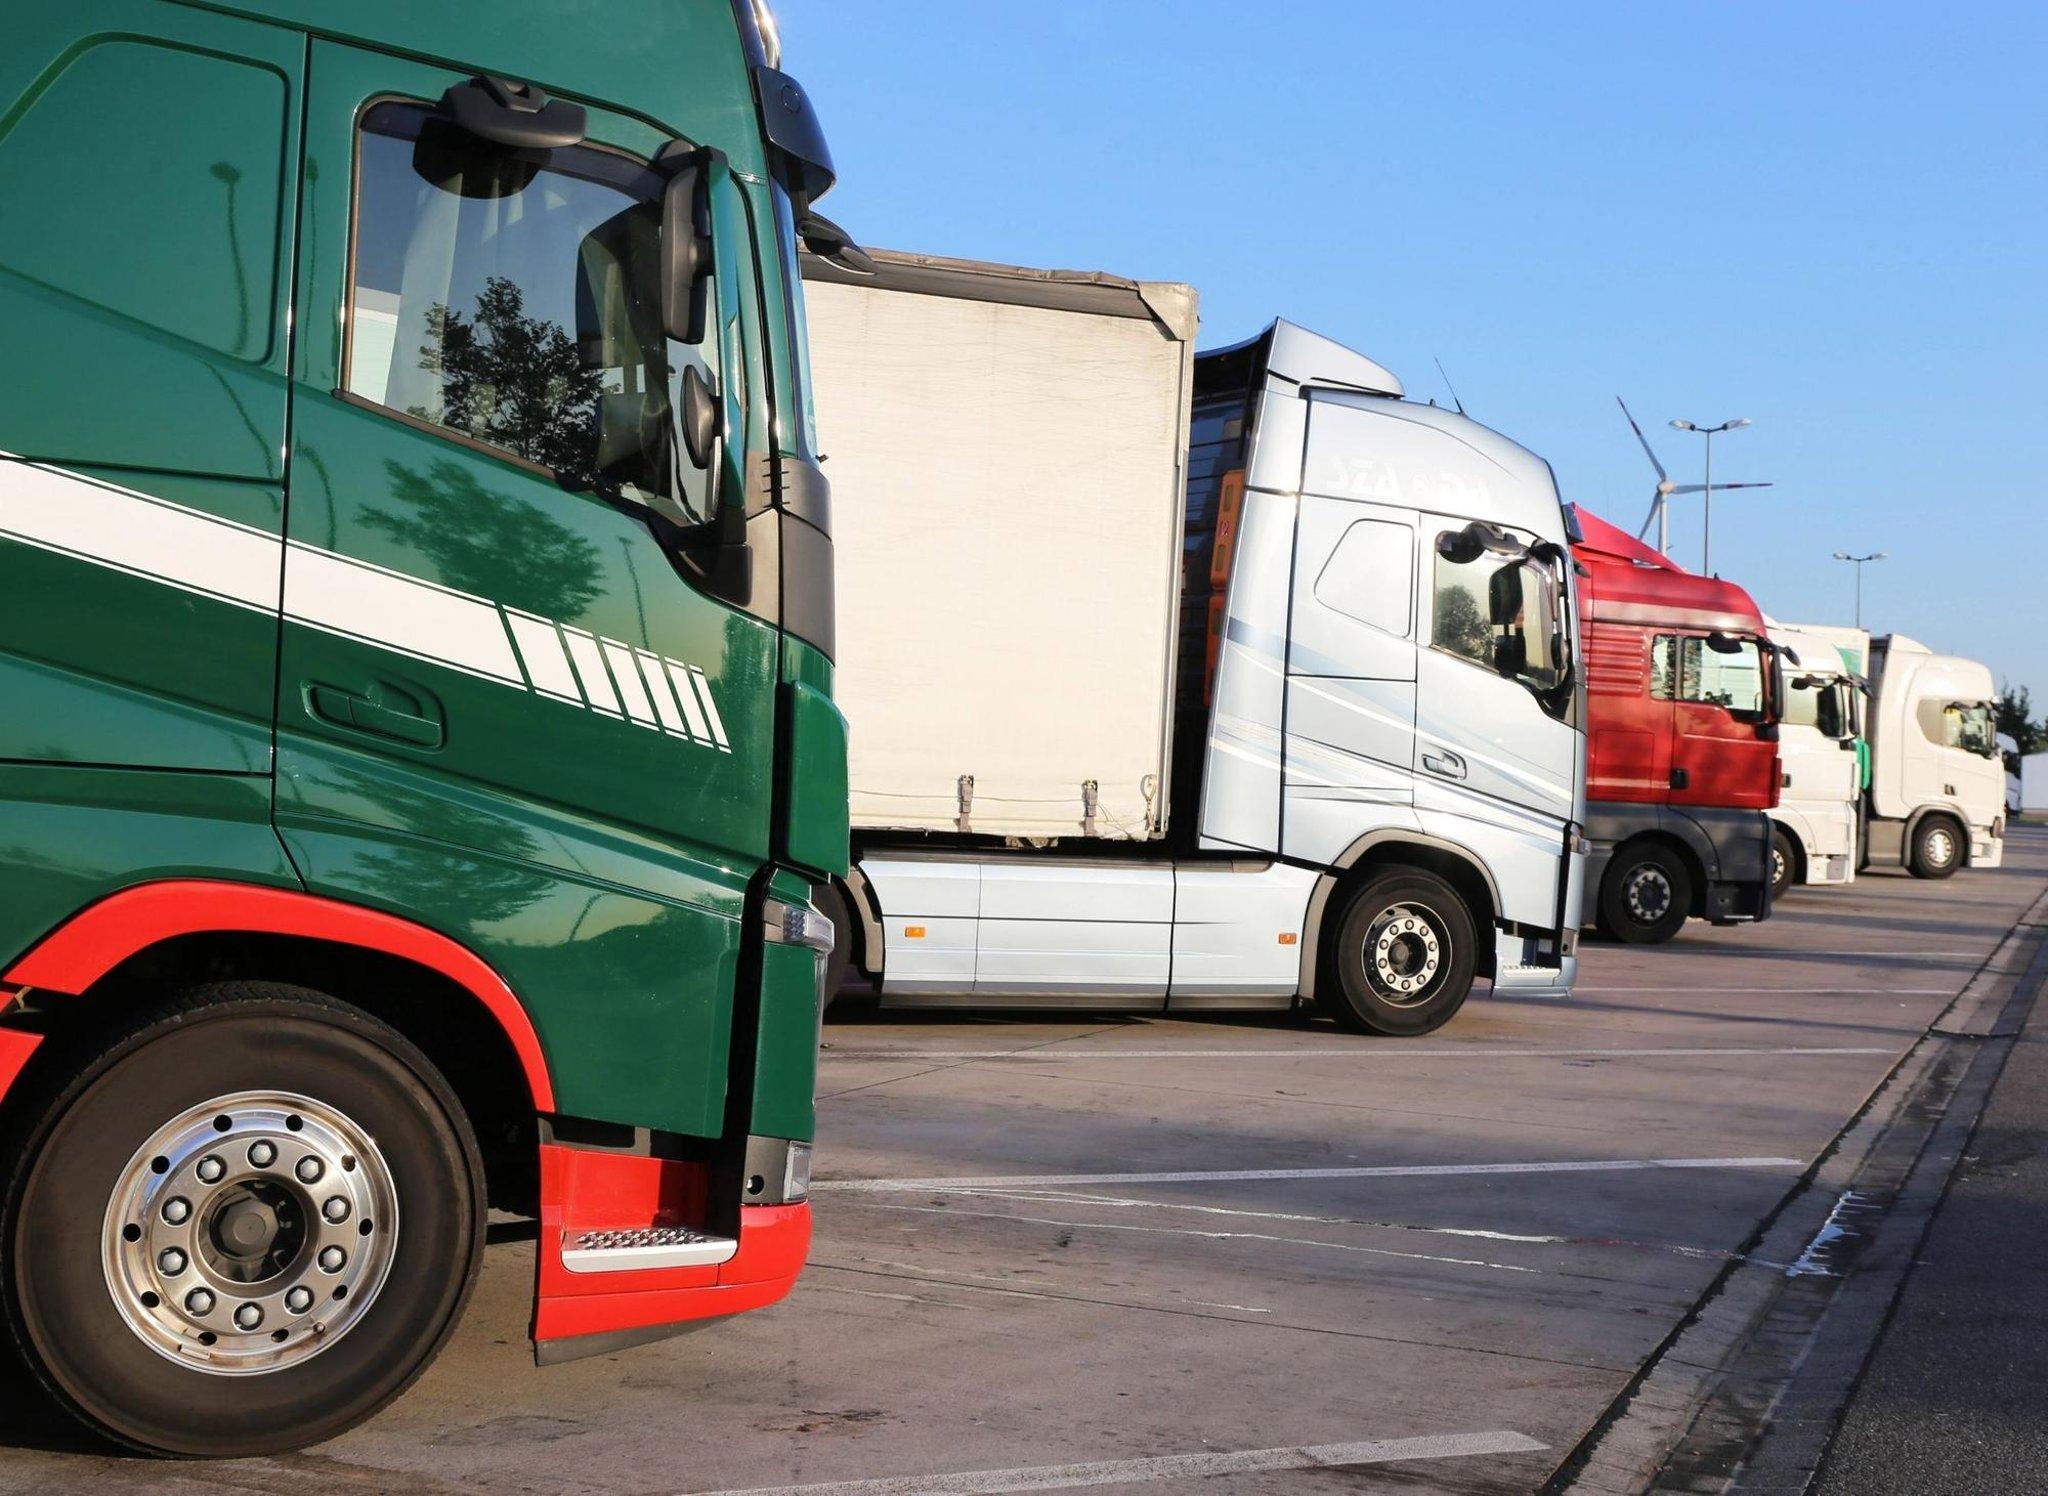 Apakah ada kekurangan pengemudi truk di Eropa?  Bagaimana situasi di seberang Channel?